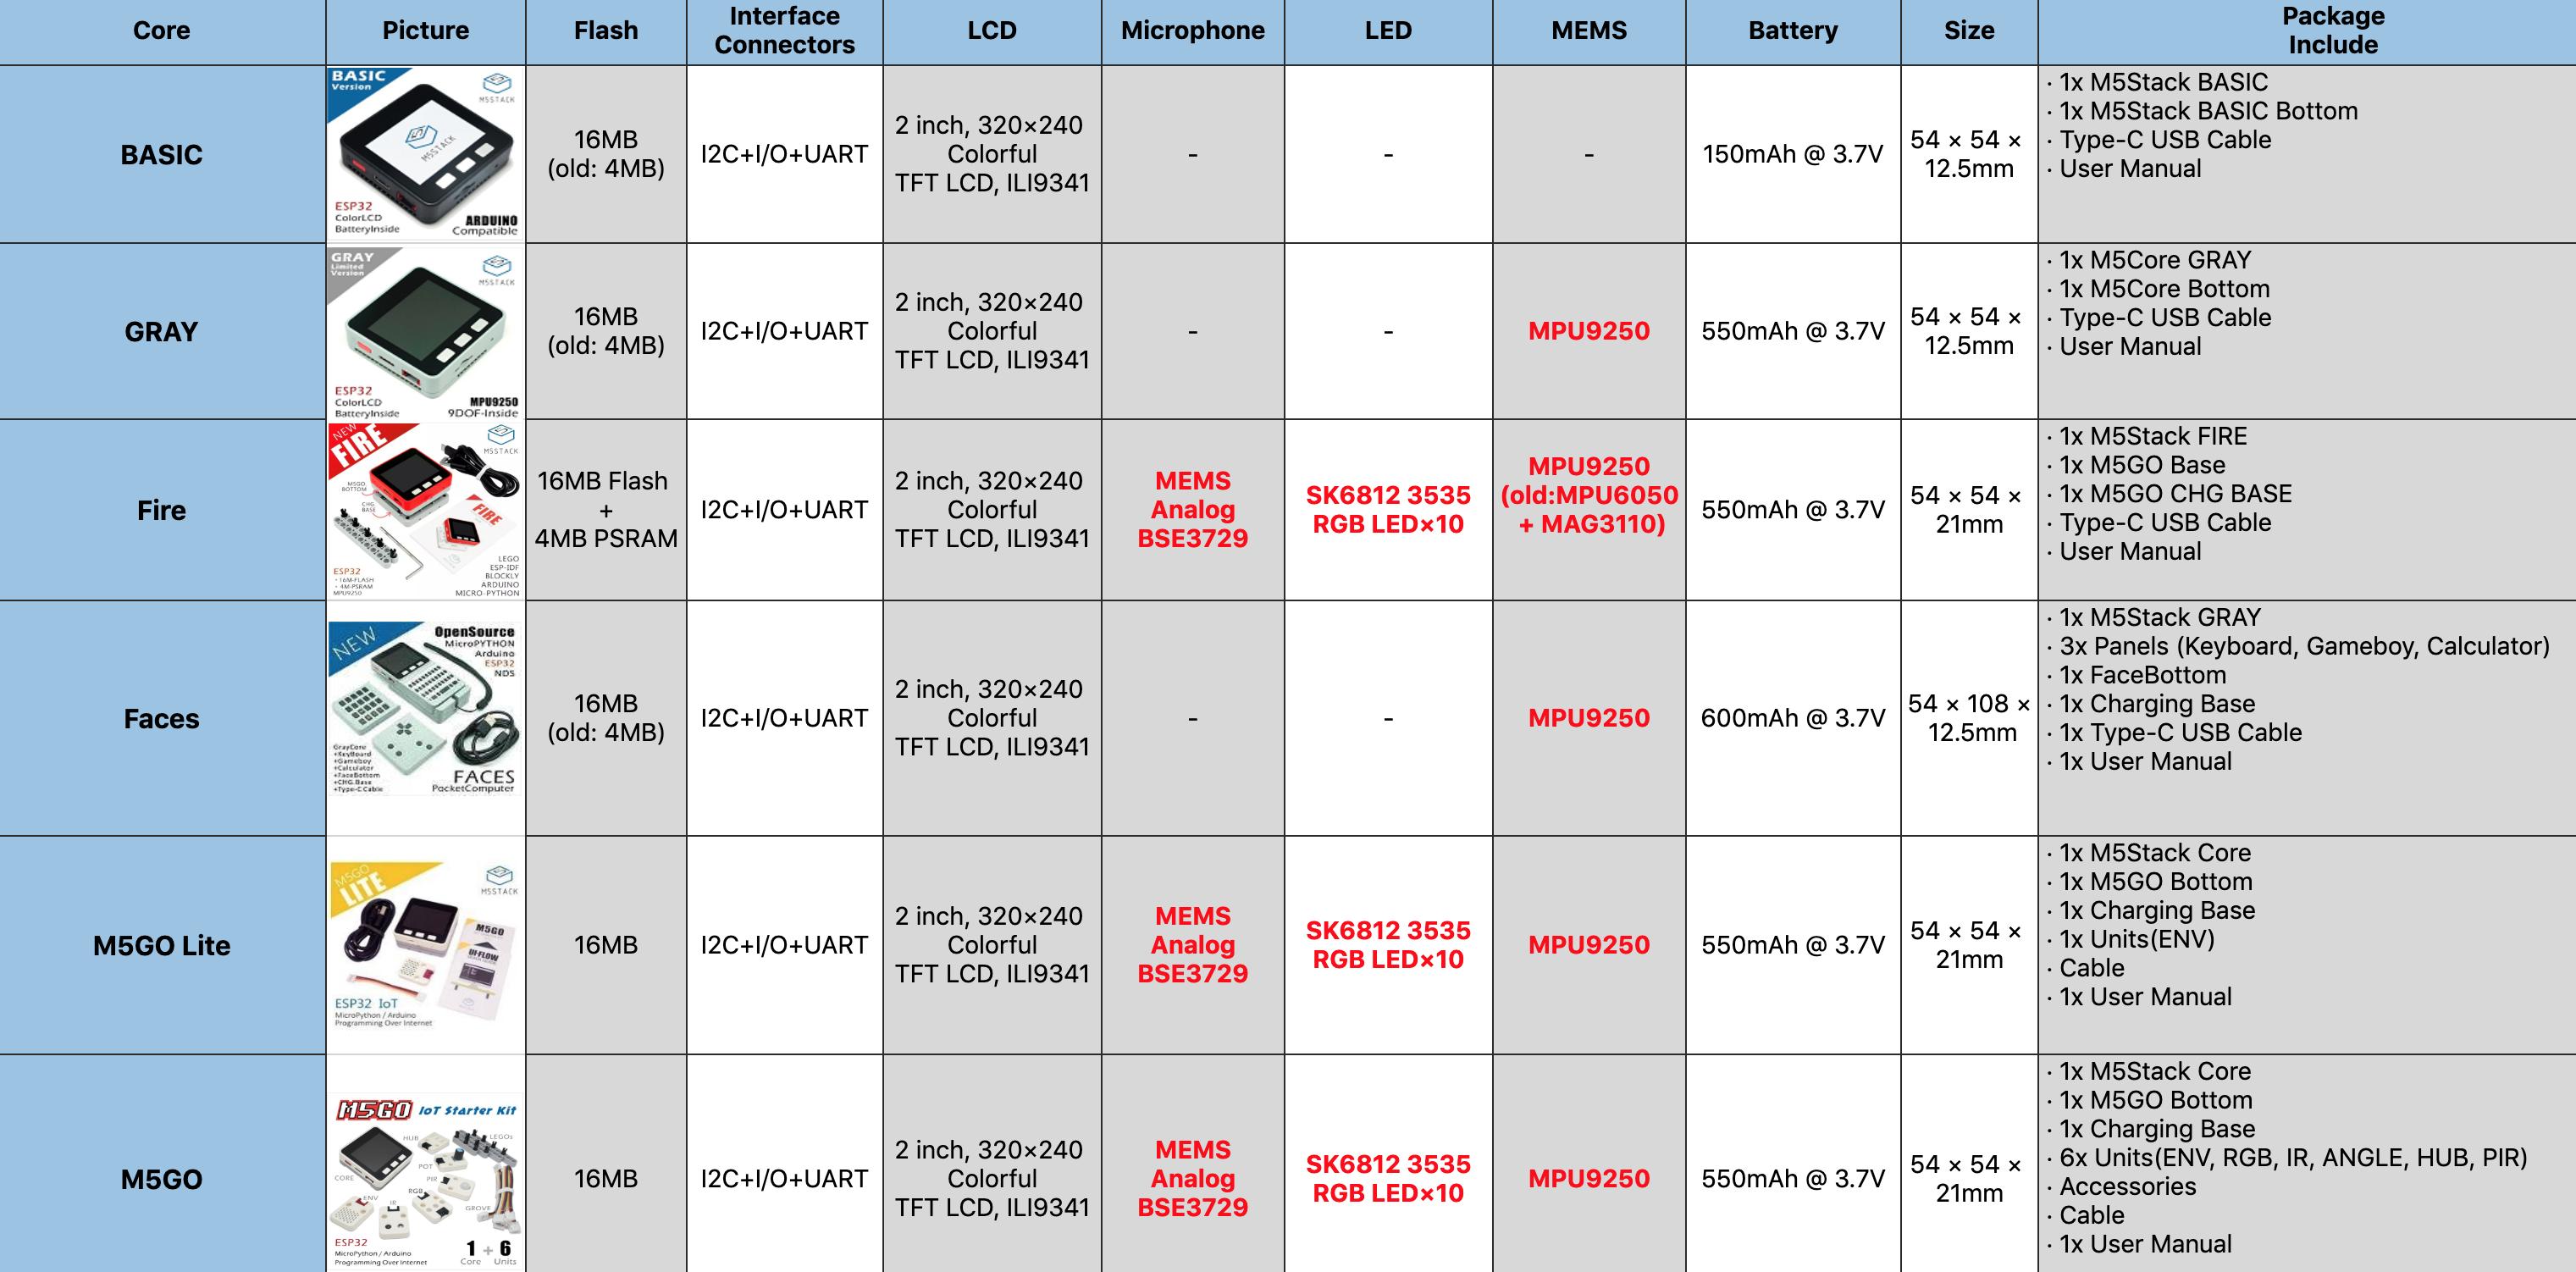 M5Stack core comparison